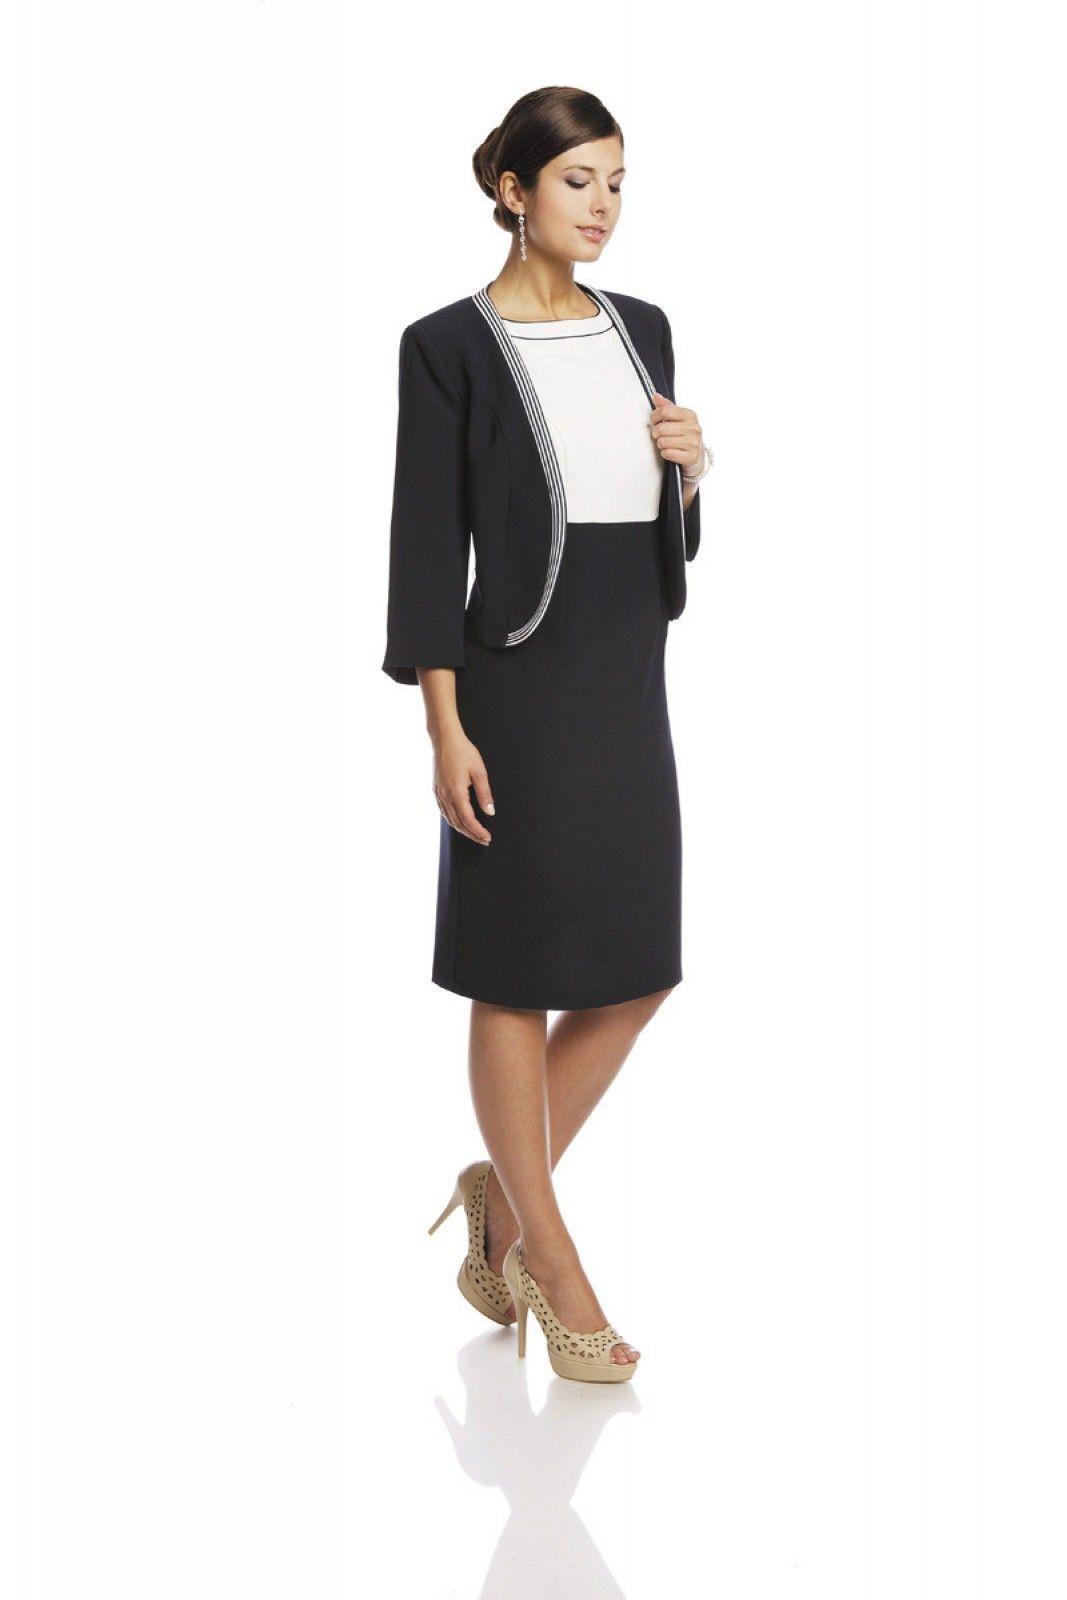 schön und billig kleid mit jacke festlich online shop | kleidung auf ...